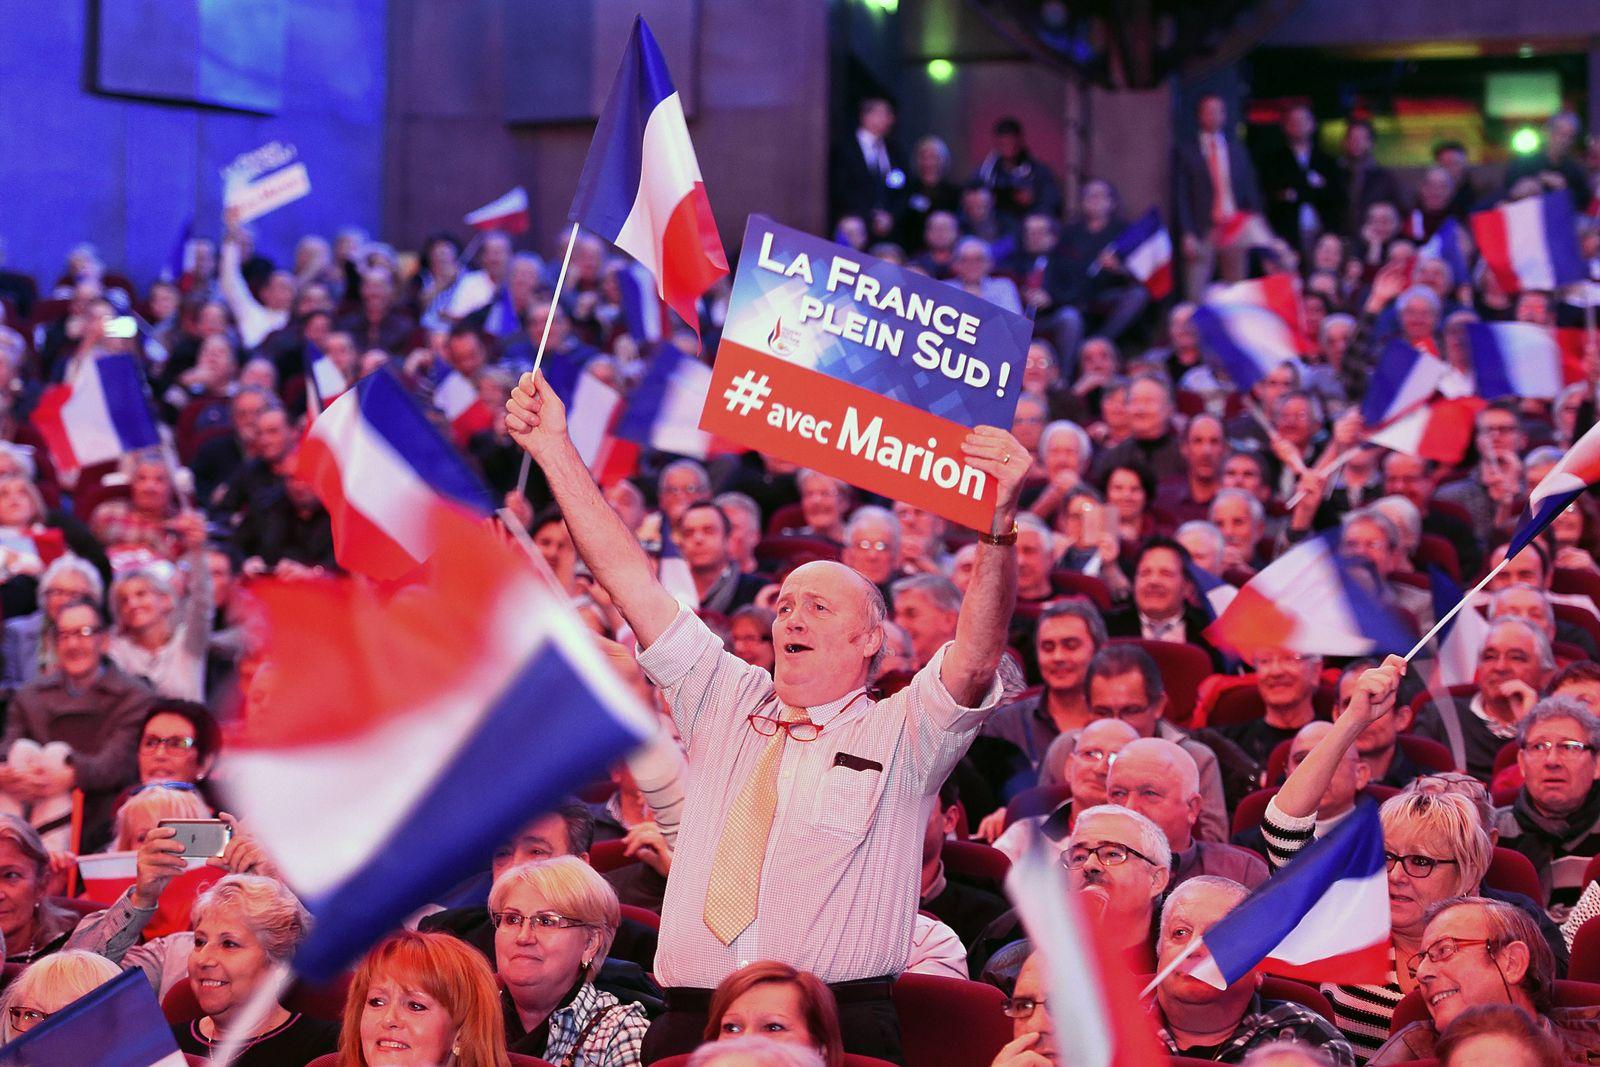 Front National Le Pen Marion